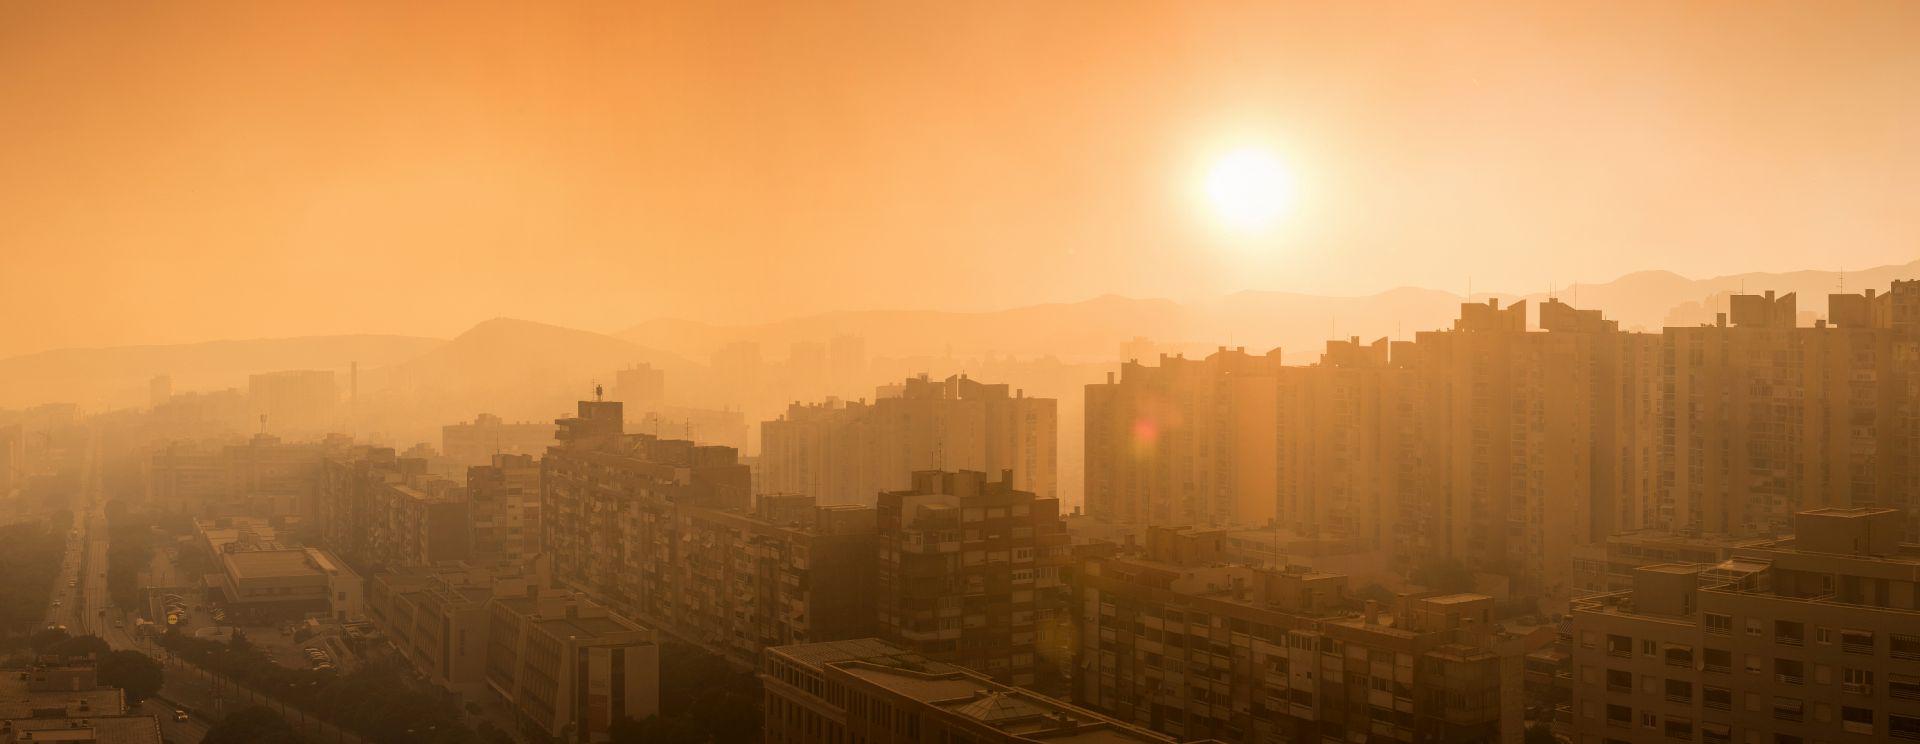 Dobrović sumnja u u tvrdnje odgovornih o kvaliteti zraka nakon požara u Splitu